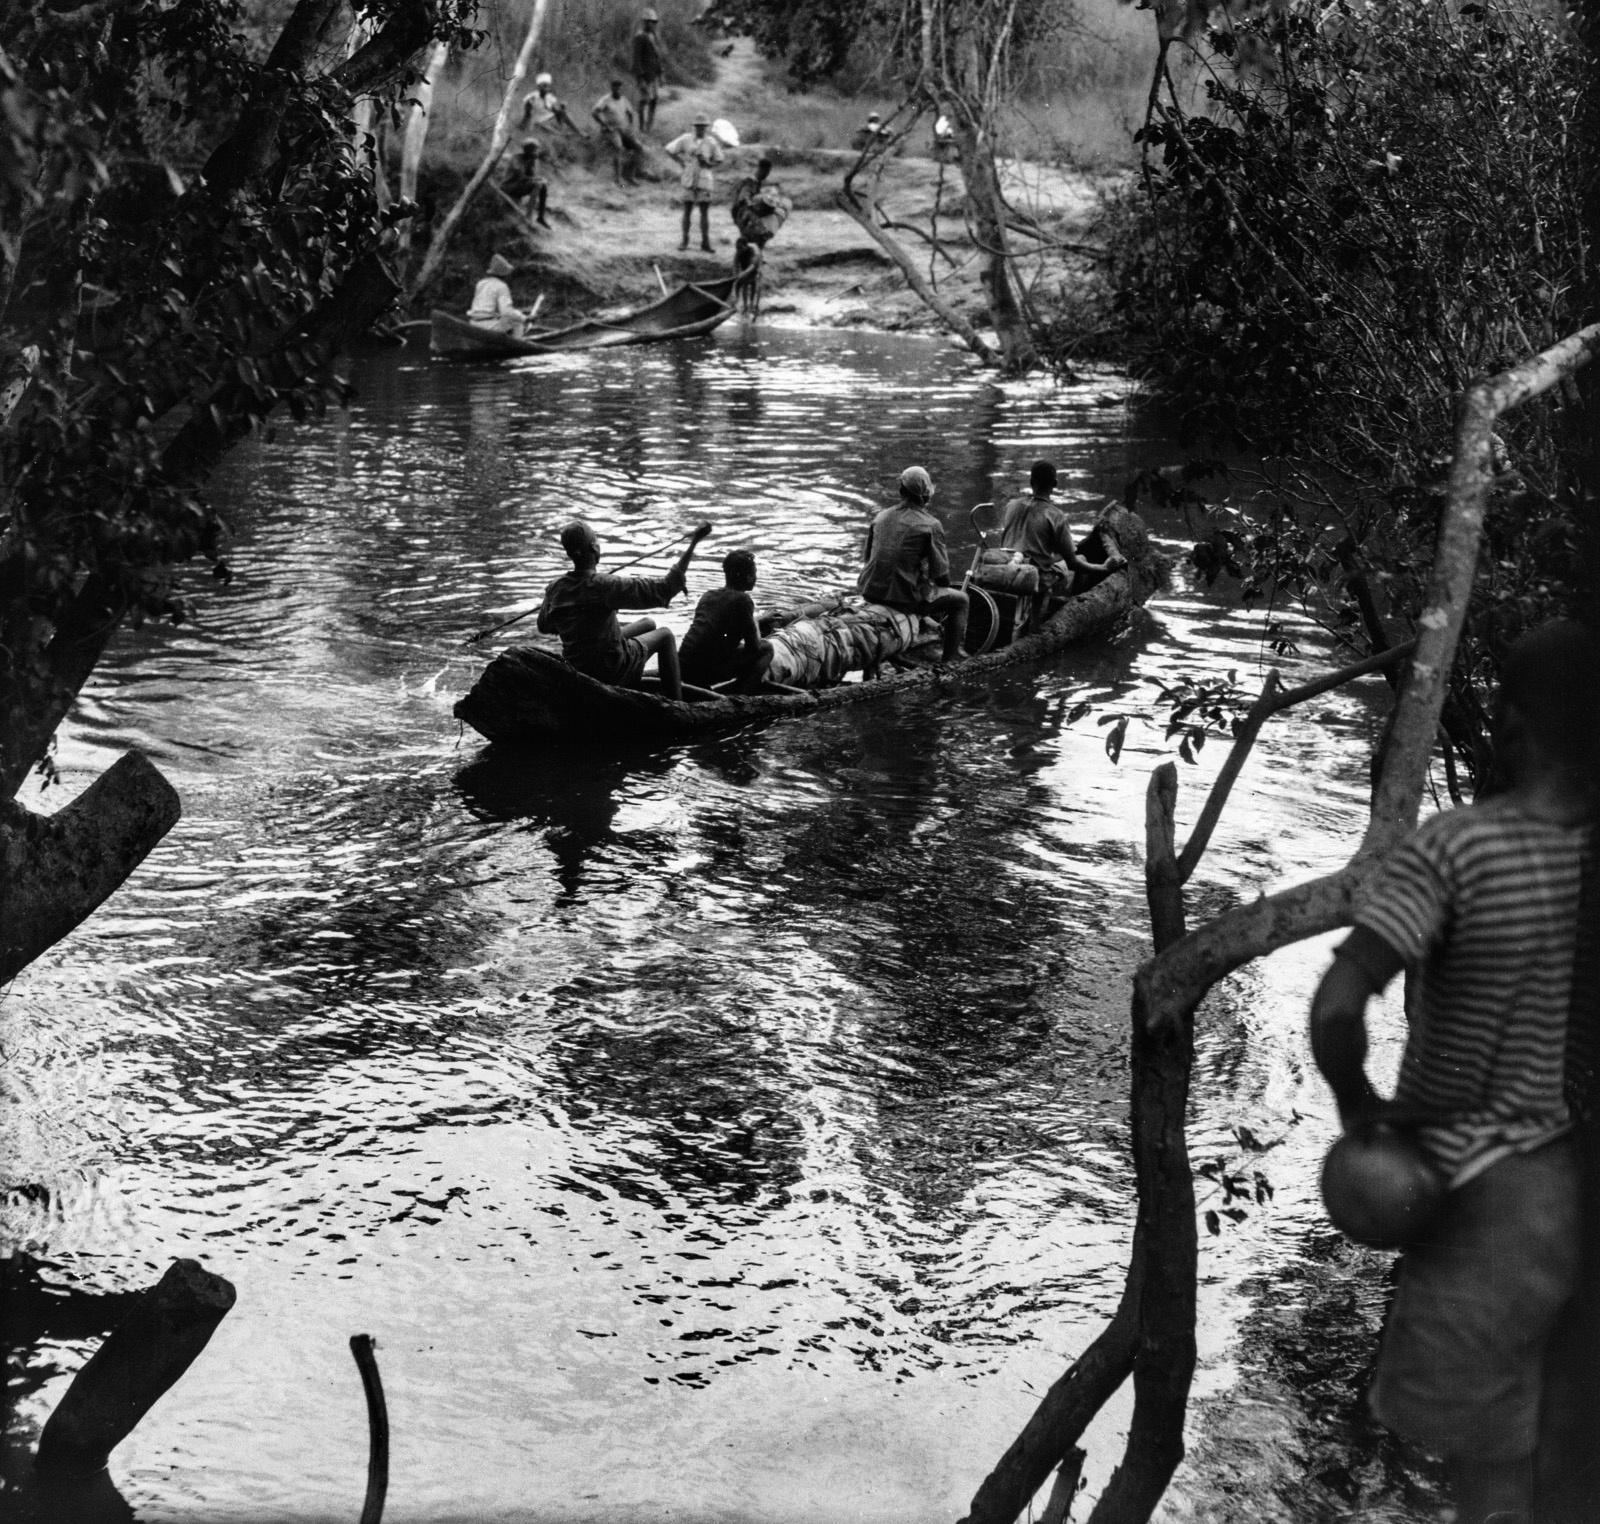 Пересечение реки Лусвиши на лодках